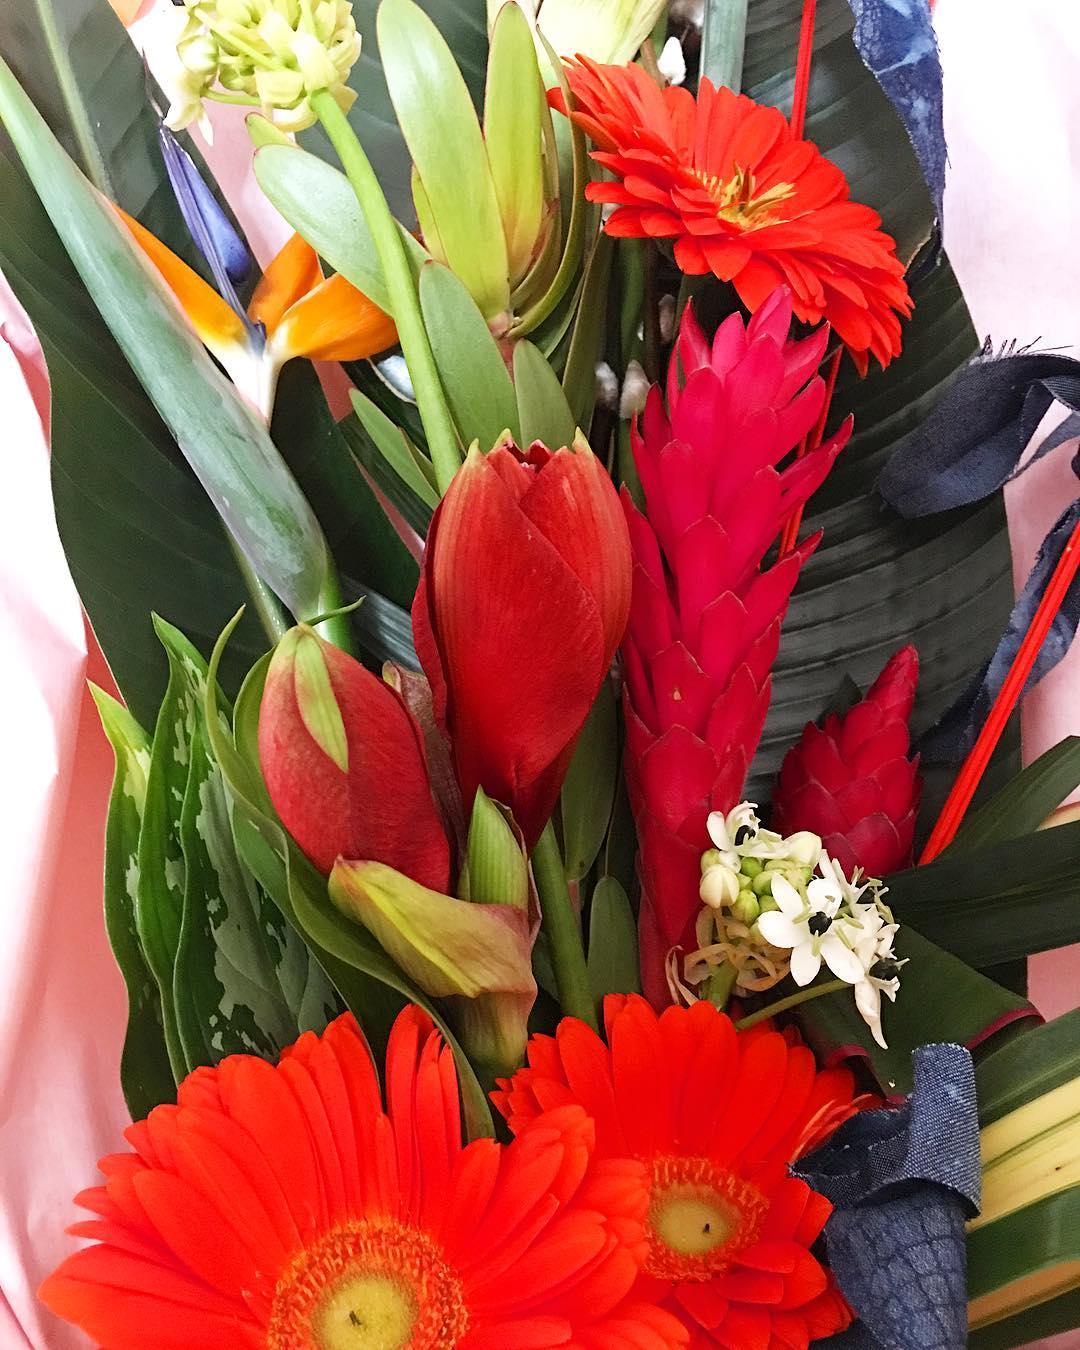 Quand tu as le plus merveilleux et attentionné des «amis» ❤️????? ... le bouquet est quasiment aussi grand que moi ?? Merci mon canard ? ? . . . ➕ DE FIL EN FLEUR • Maître Artisan ? St Mathieu de Treviers  ______________ #bouquet #Fleurs #flower #flowerpower #ditesleavecdesfleurs #love #friends #defilendleur #maitreartisant #montpellier #pintademontpellier #flowerpower